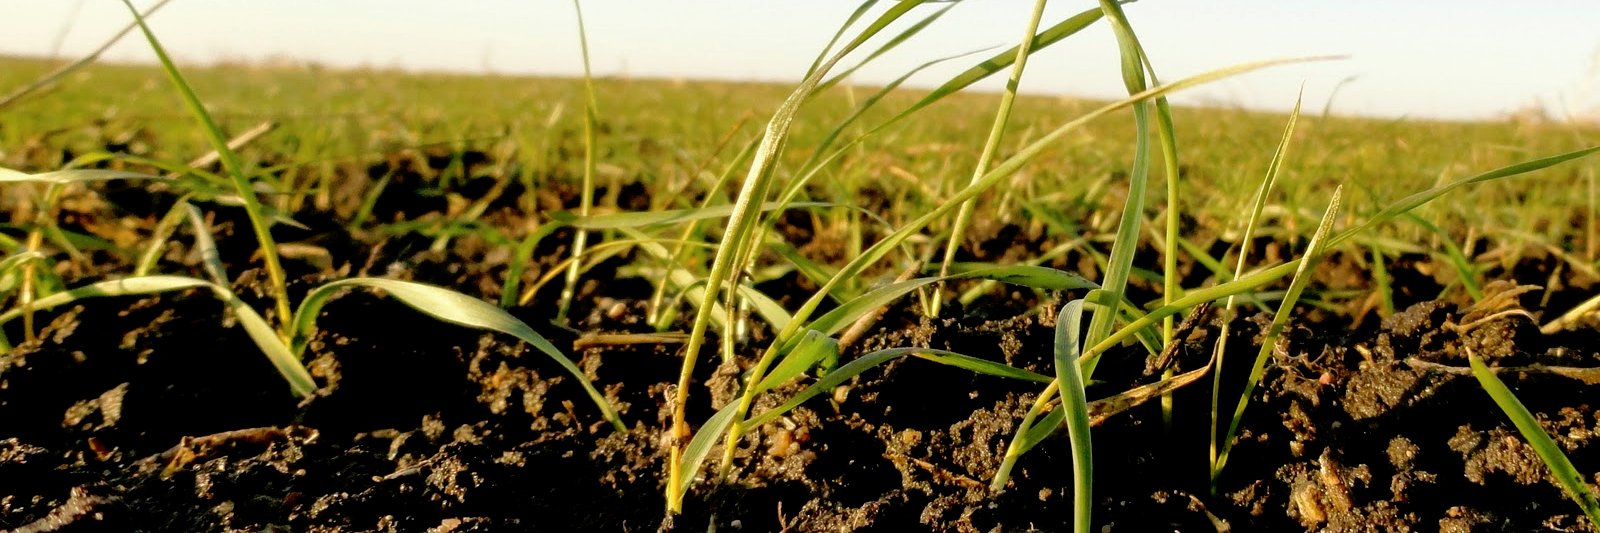 Ensalada de algoritmos para alimentar al mundo, por @DeVinoyRosas revistaagricultura.com/economia/econo… #alimentación #cultivos… https://t.co/sVmfk3Ifyu